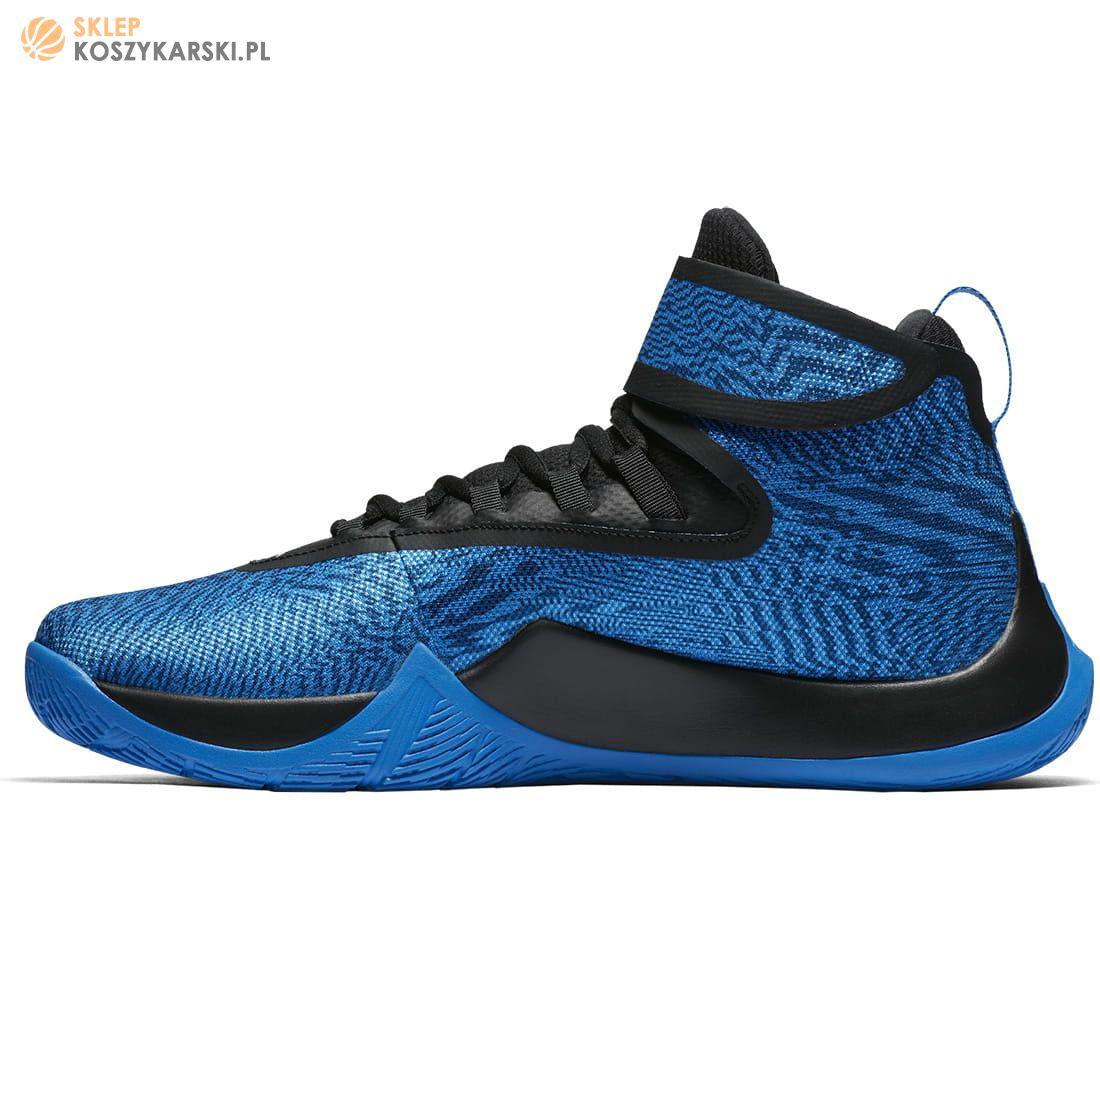 size 40 75e56 4de27 ... Buty do koszykówki Jordan Fly Unlimited Blue ...